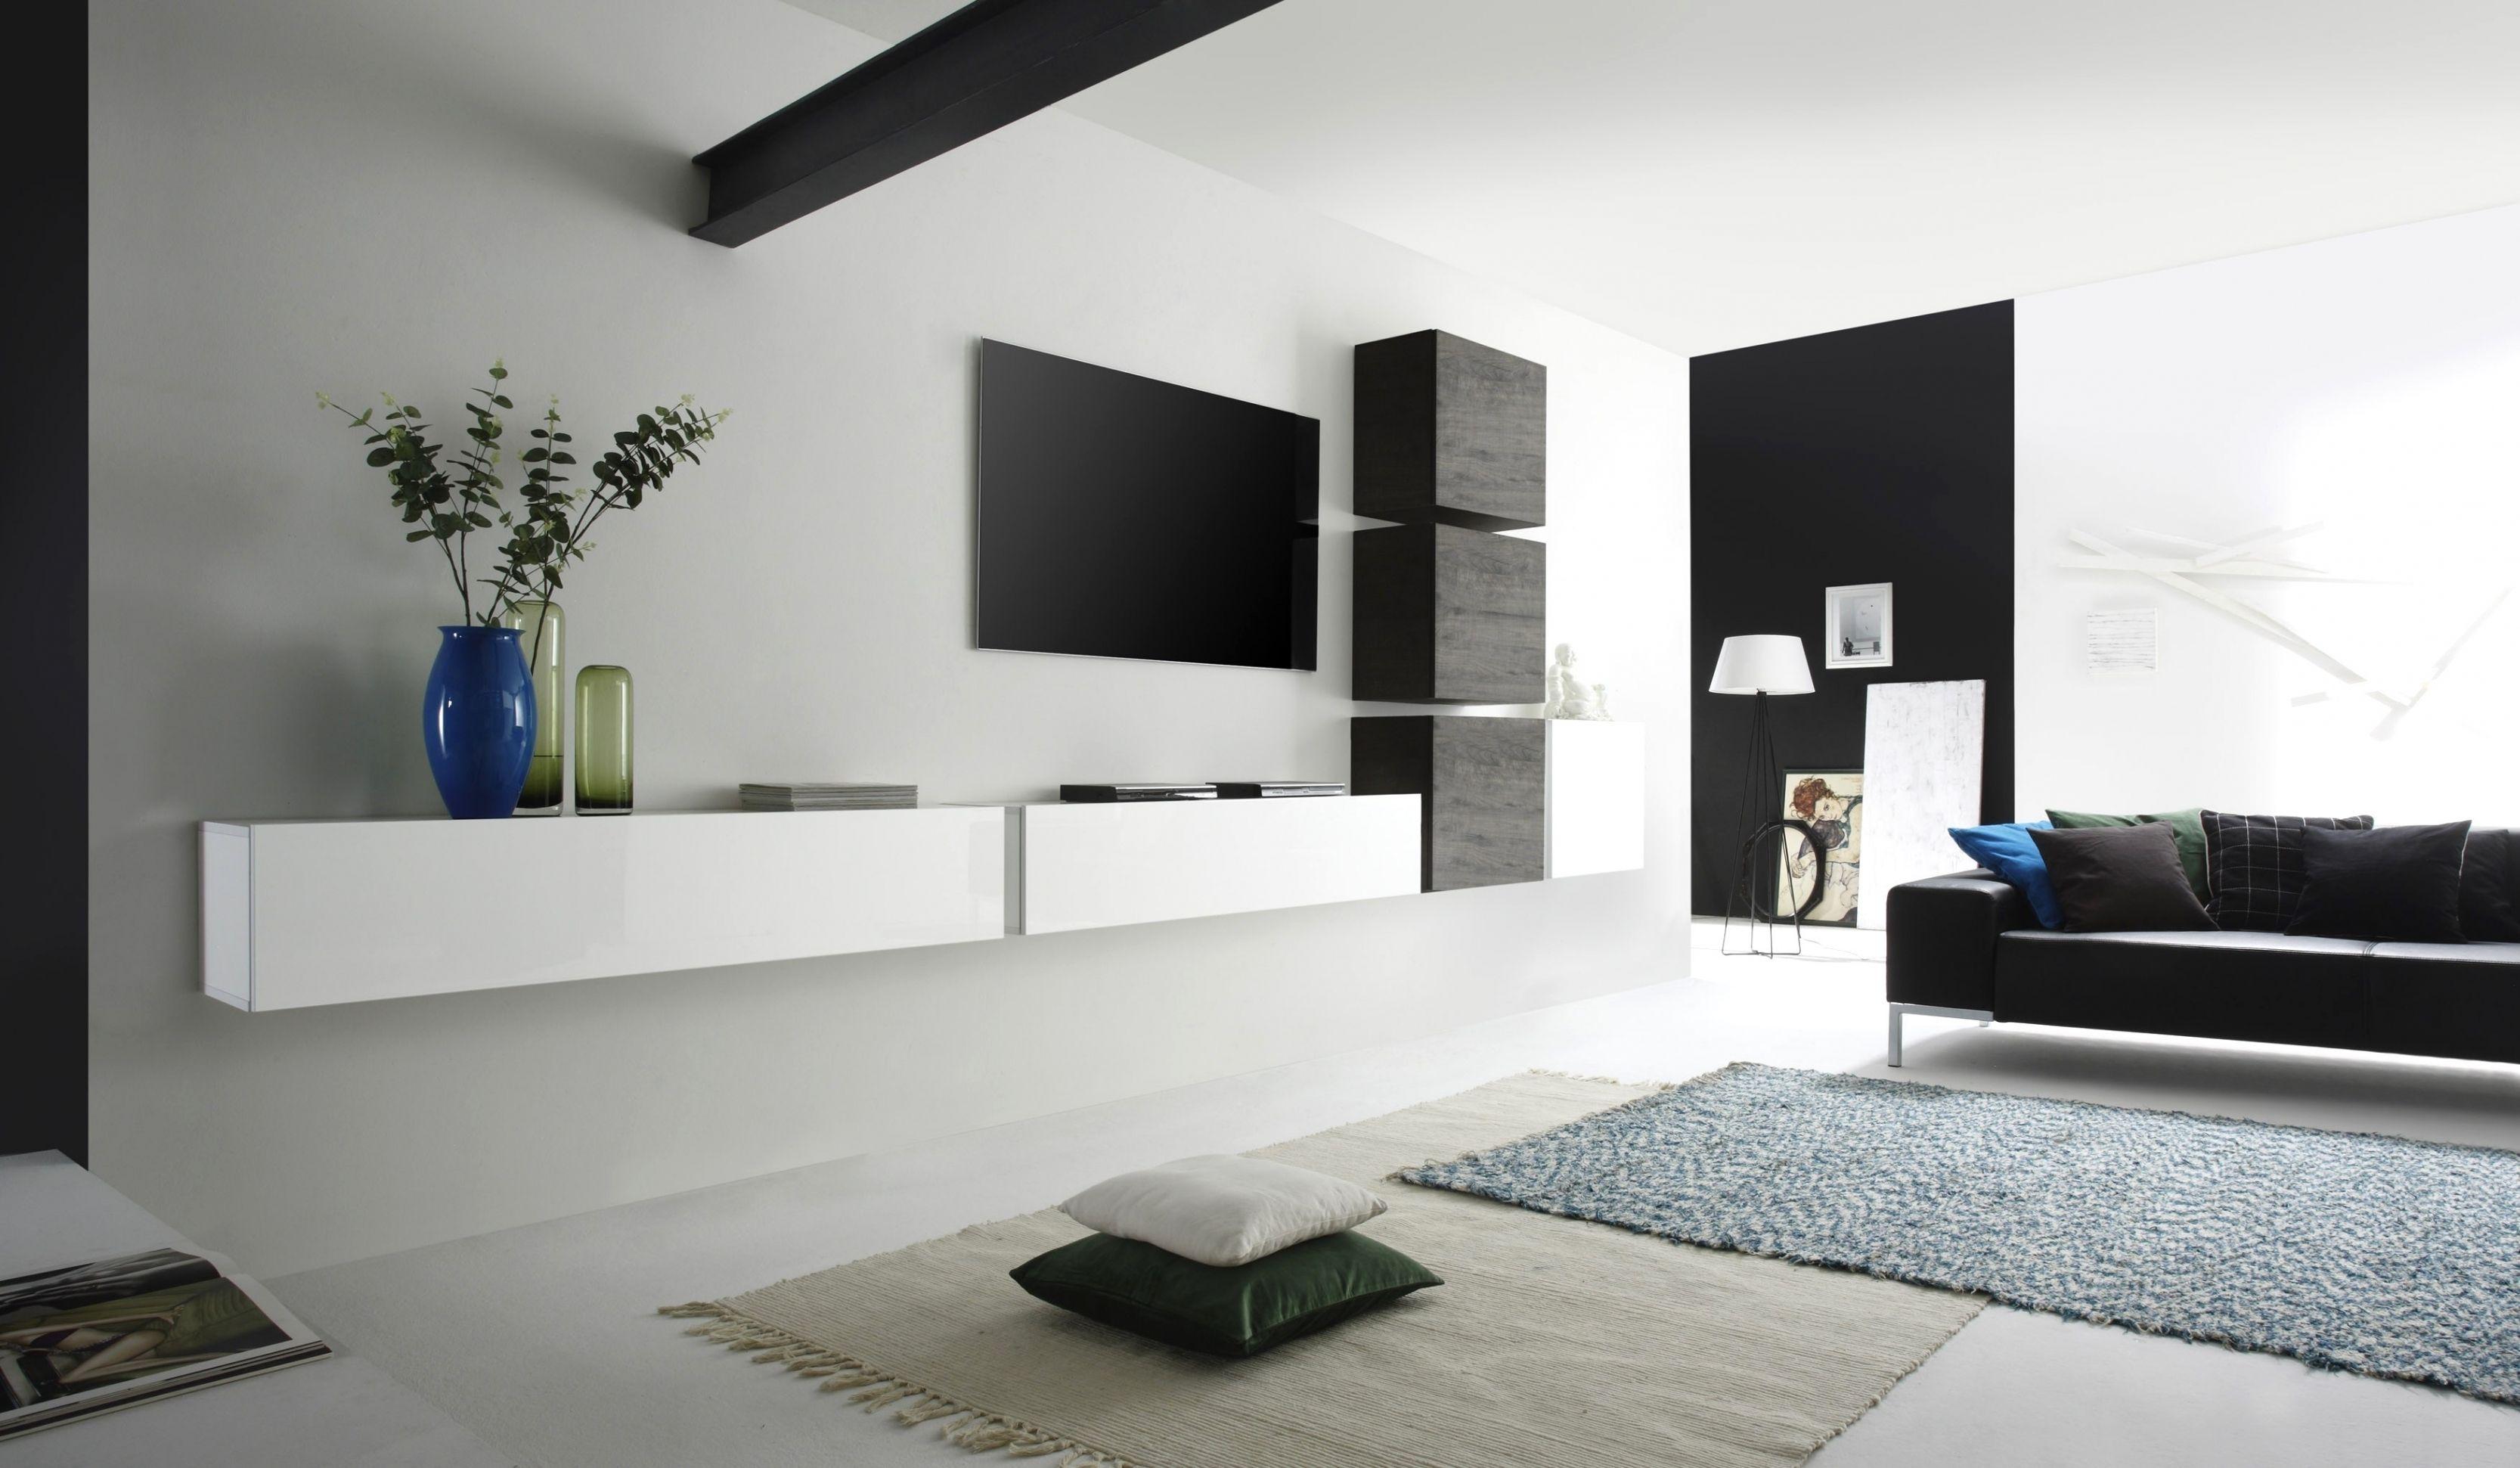 Luxus Wohnzimmer Modern Weiß  Wohnen, Wohnzimmer weiß, Luxus